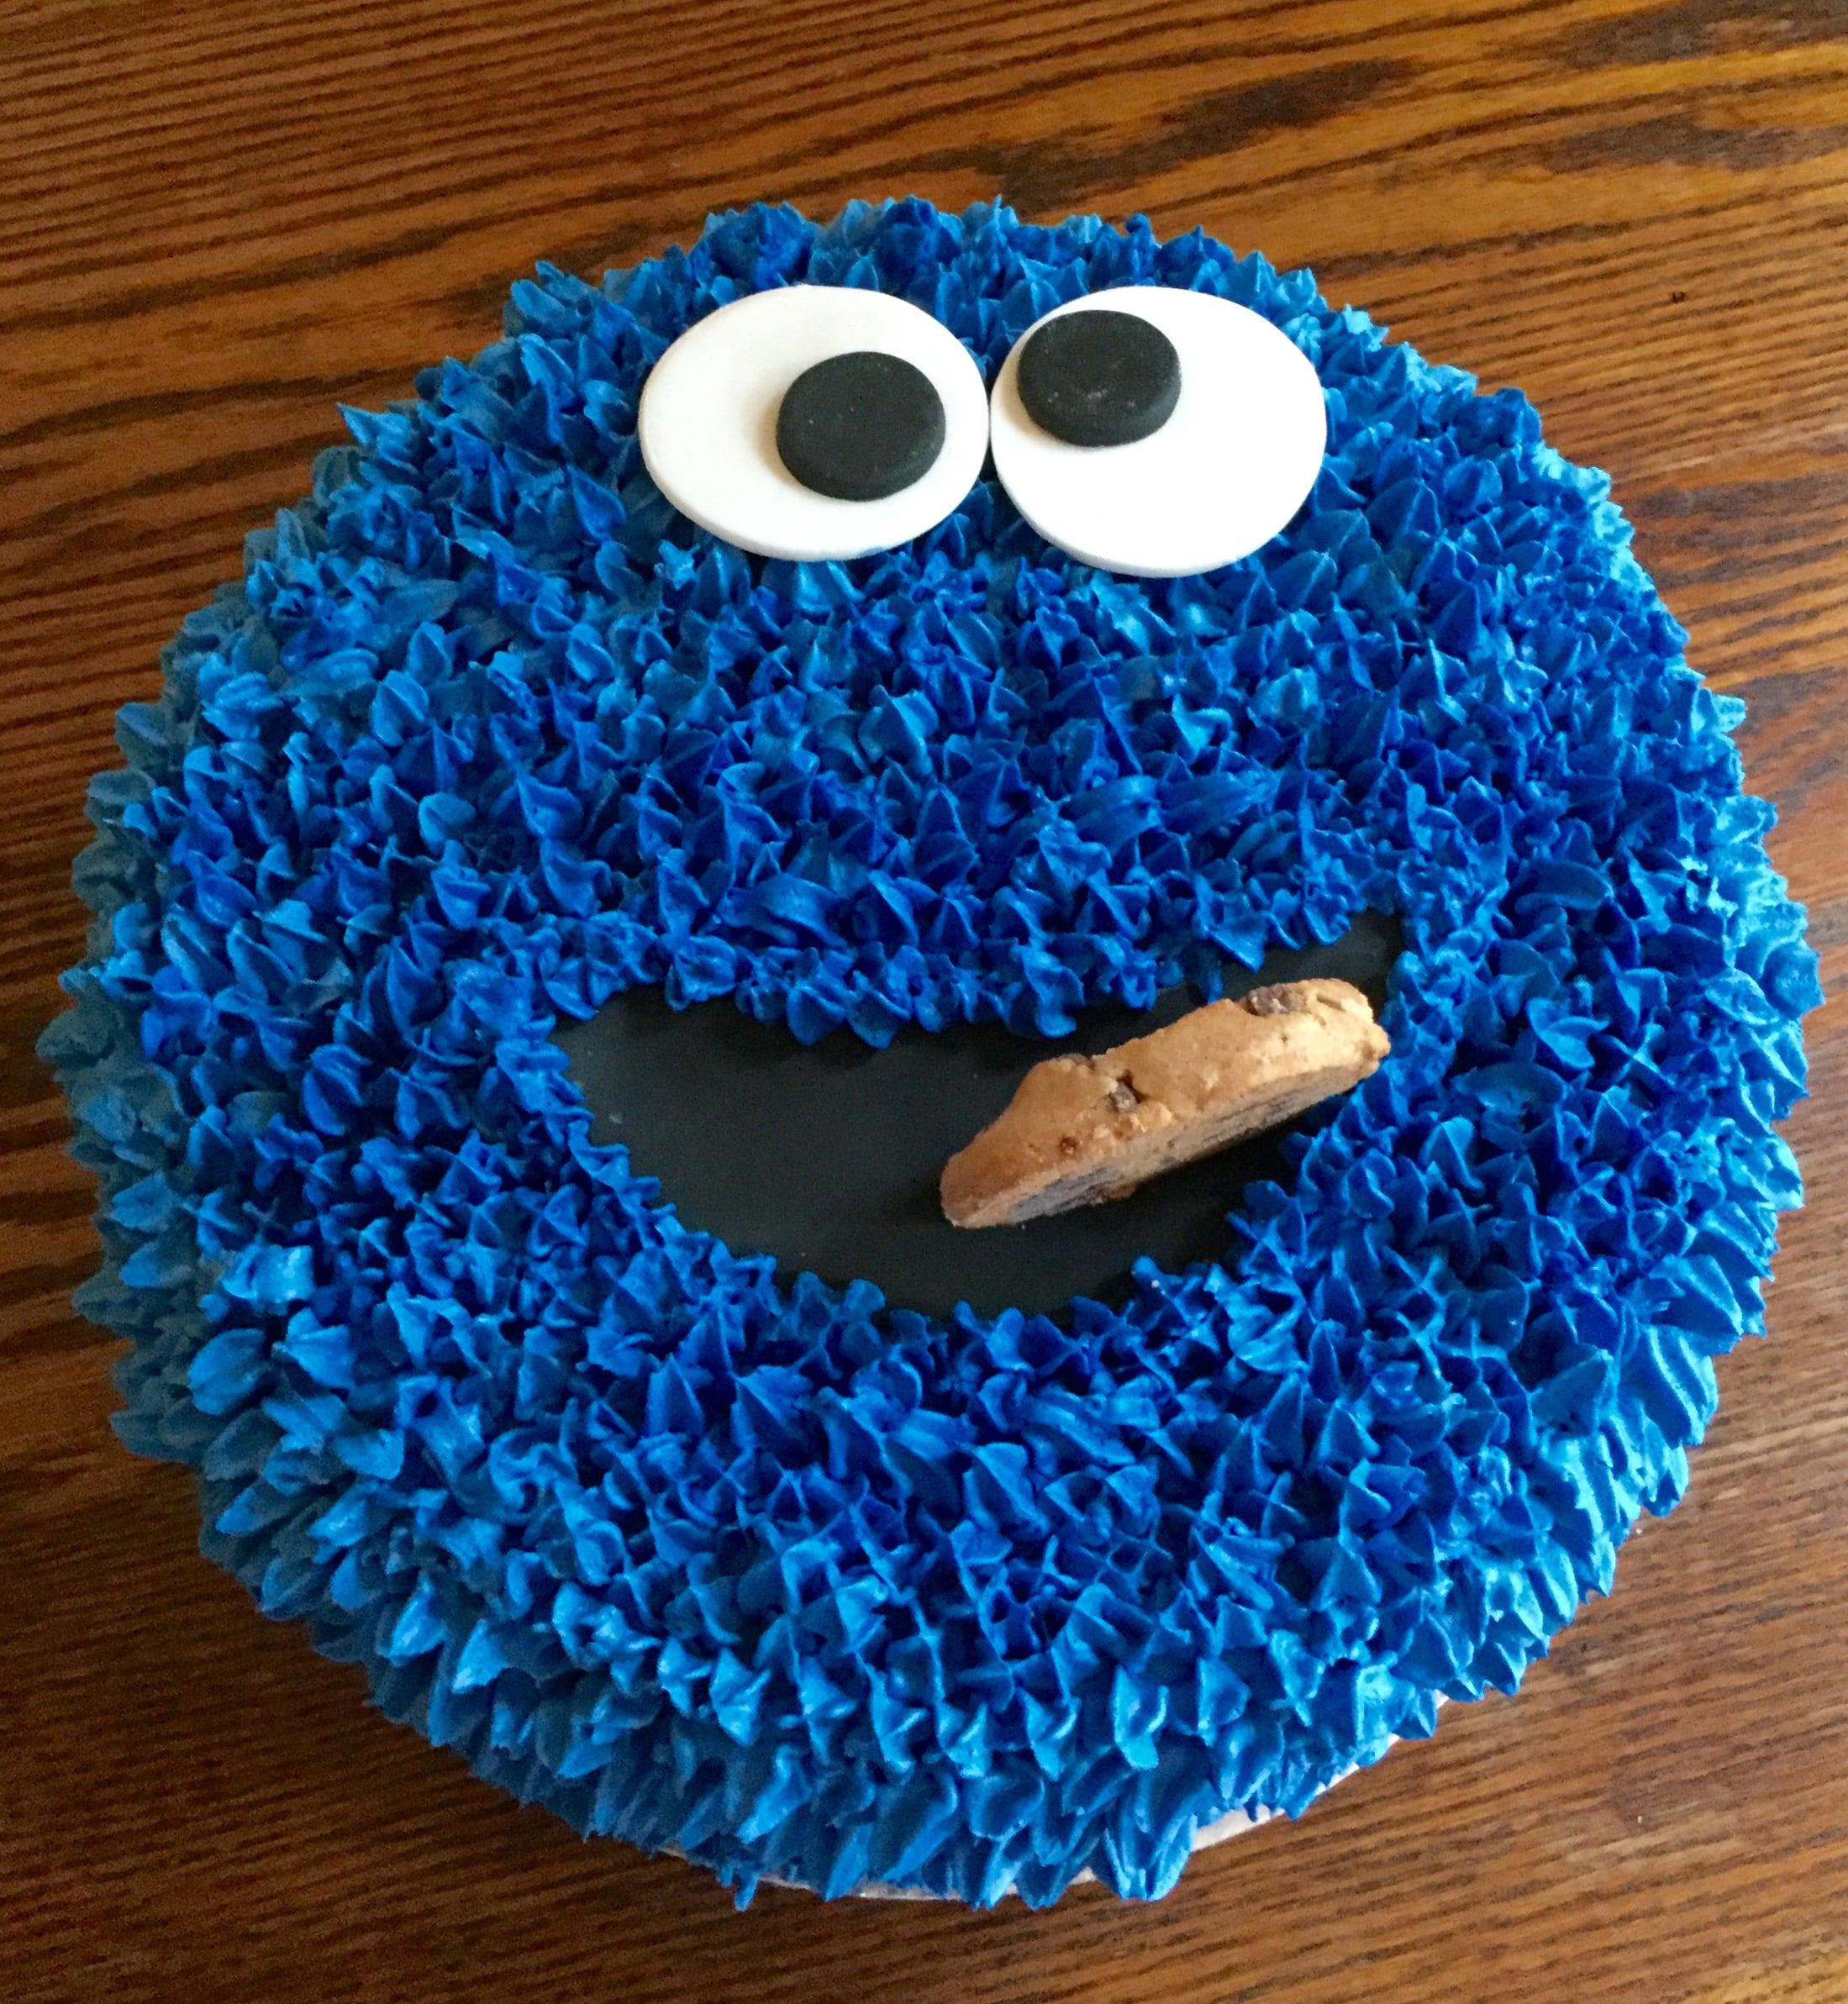 cookie monster cake.jpg